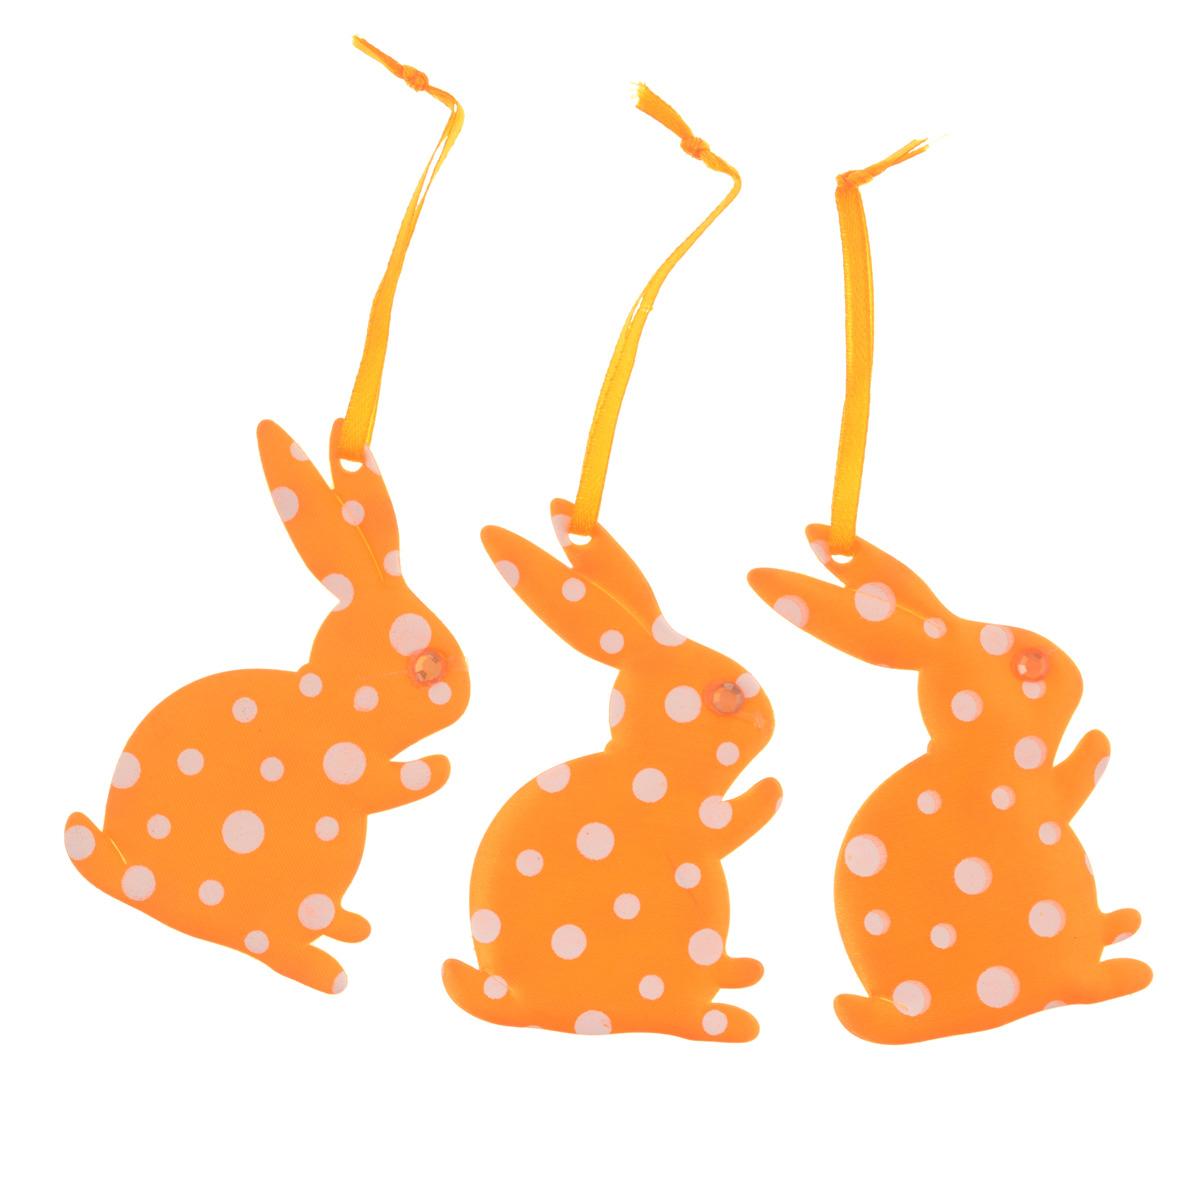 Набор пасхальных подвесных украшений Home Queen Кролики, цвет: оранжевый, 3 шт58234_4Набор Home Queen Кролики, изготовленный из полиэстера, состоит из трех пасхальных подвесных украшений. Изделия выполнены в виде кроликов с мягким наполнителем, декорированы принтом в горох и оснащены текстильными петельками для подвешивания. Такой набор прекрасно дополнит оформление вашего дома на Пасху. Размер украшения: 8 см х 5 см х 0,3 см.